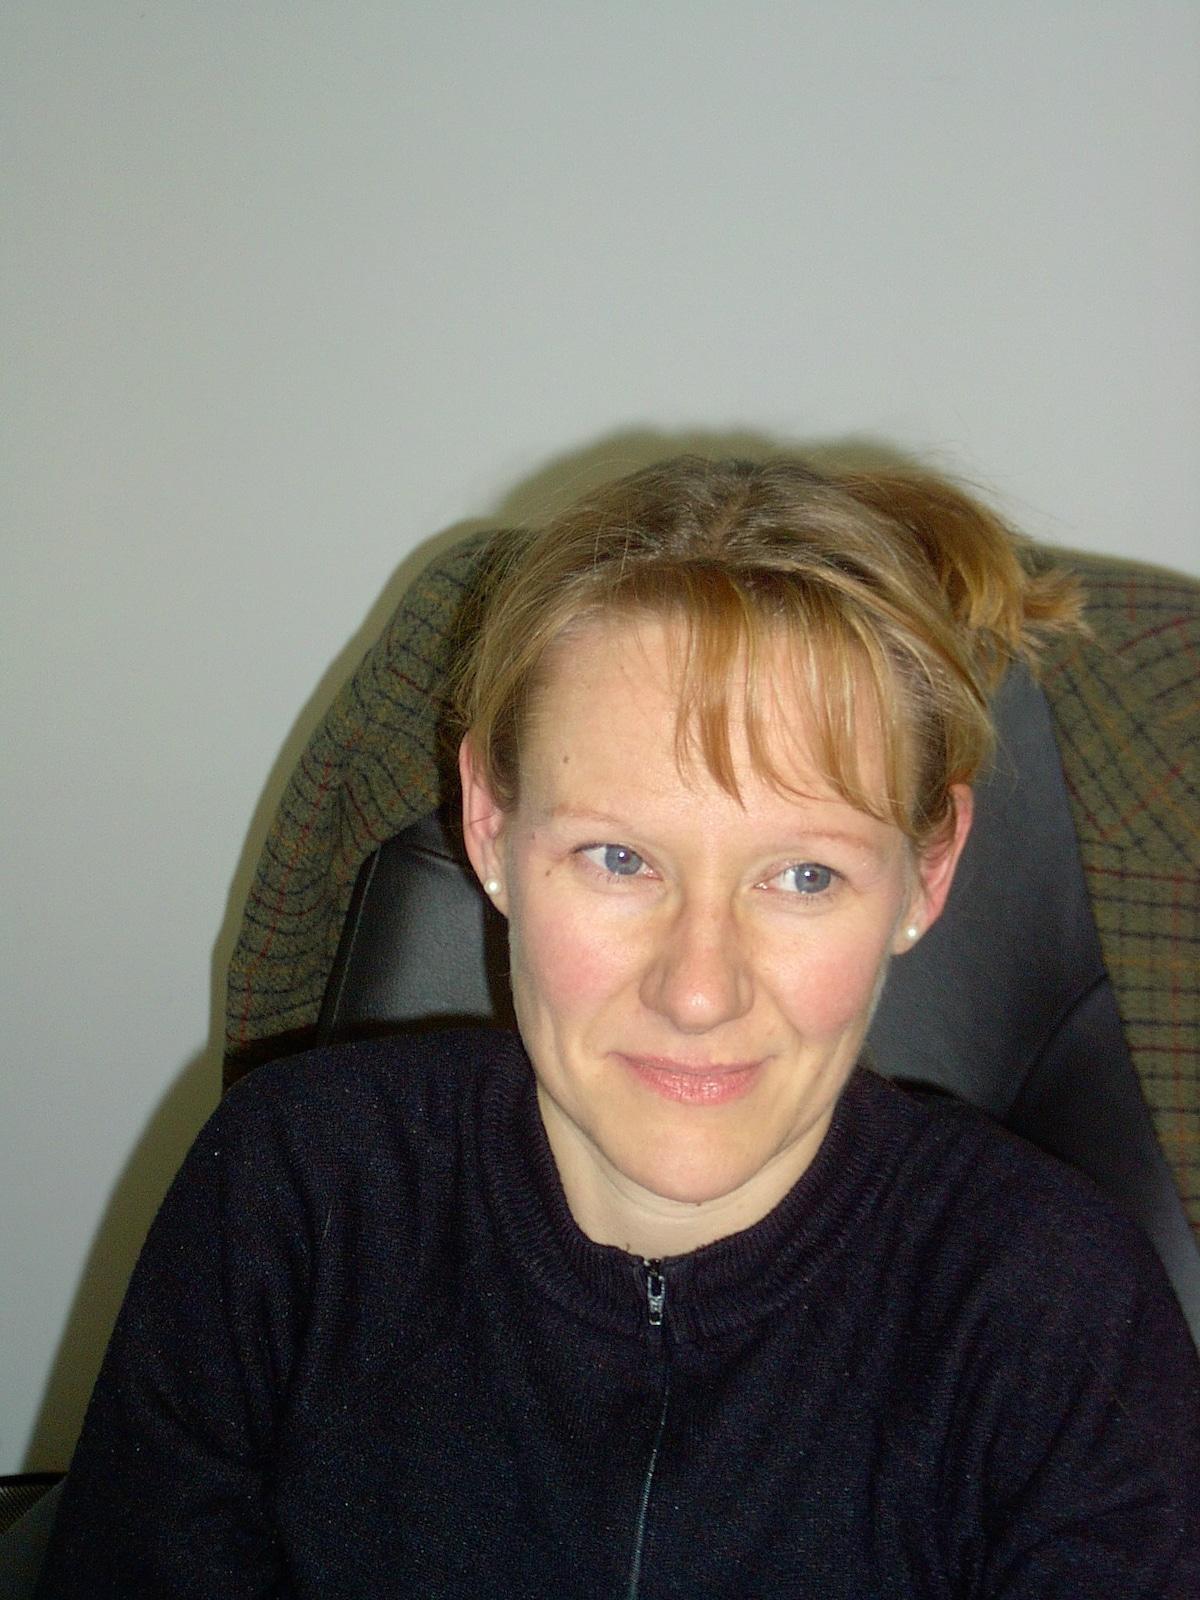 Susanne from Torremolinos